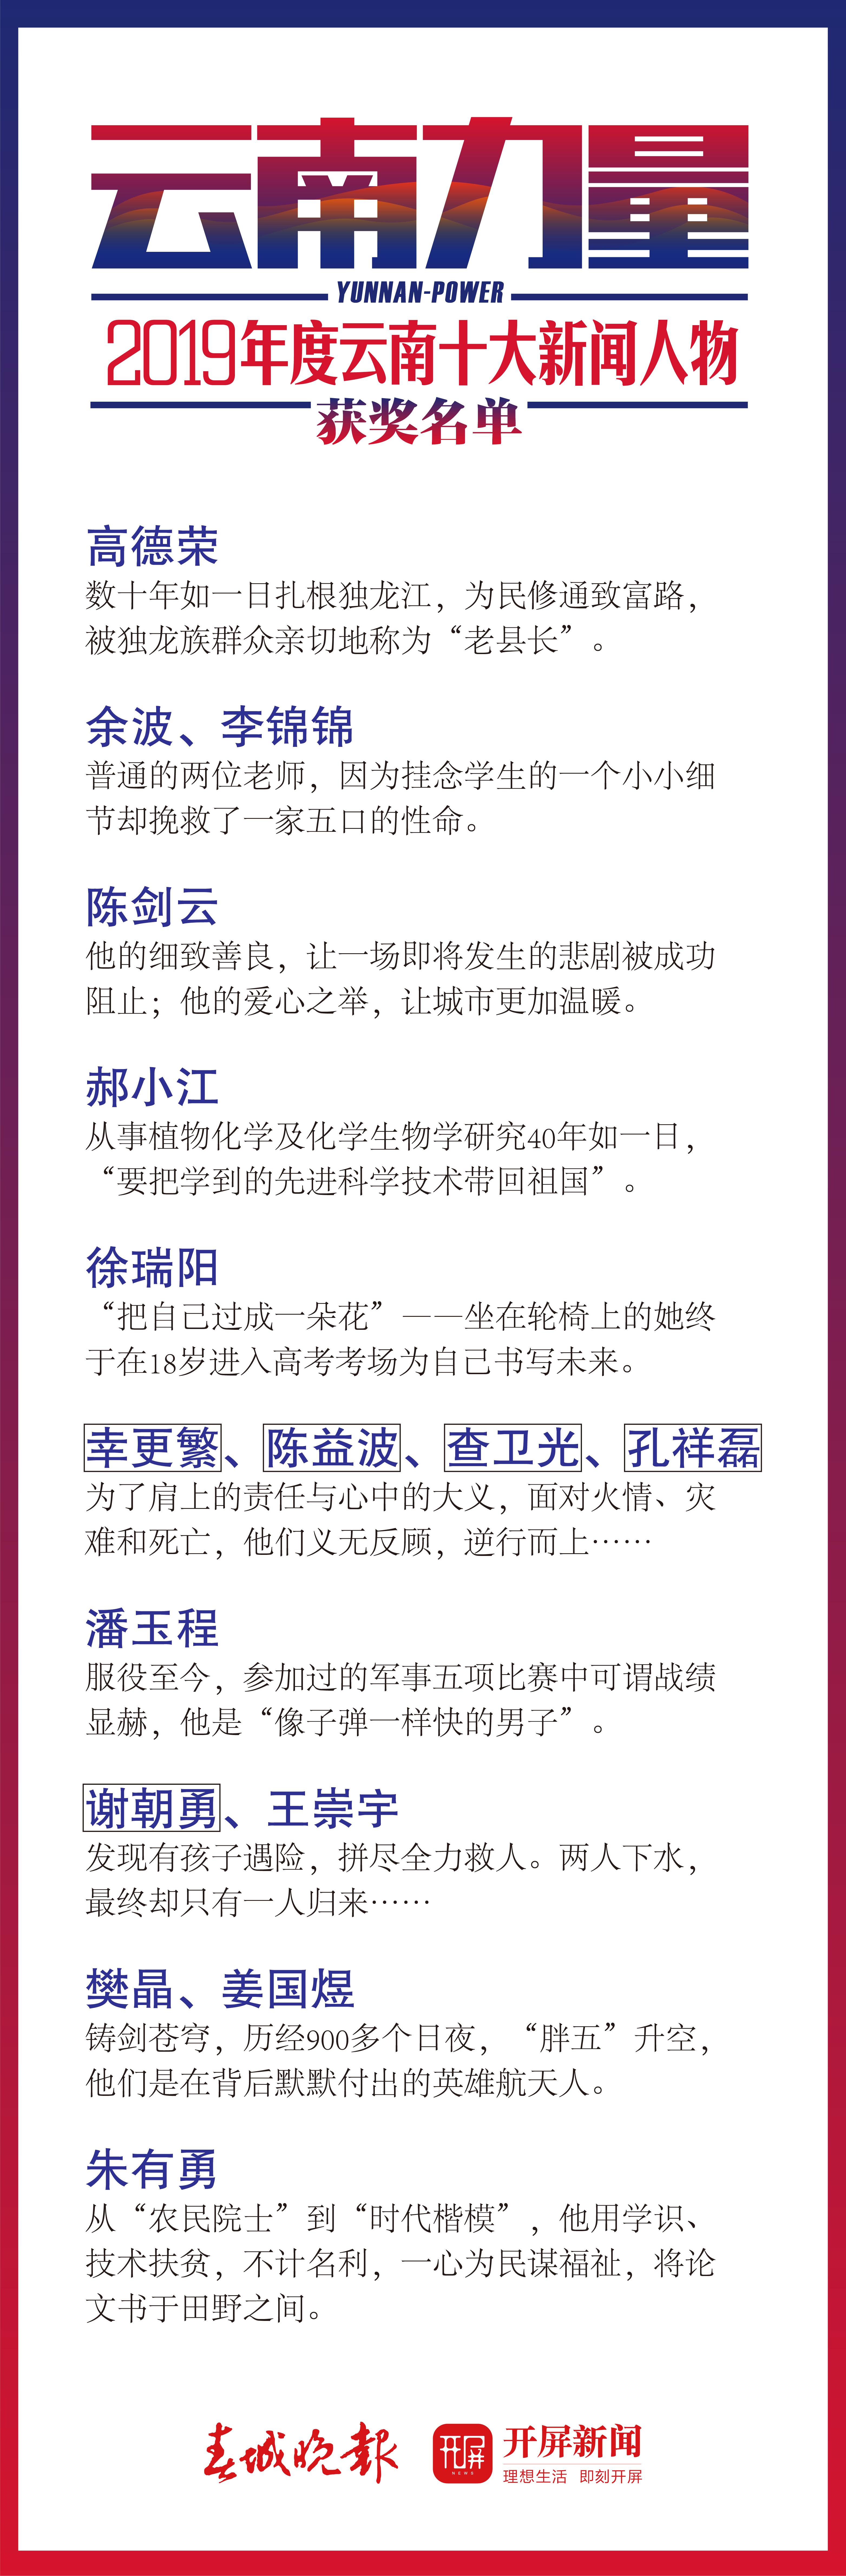 云南十大新闻人物获奖名单2019